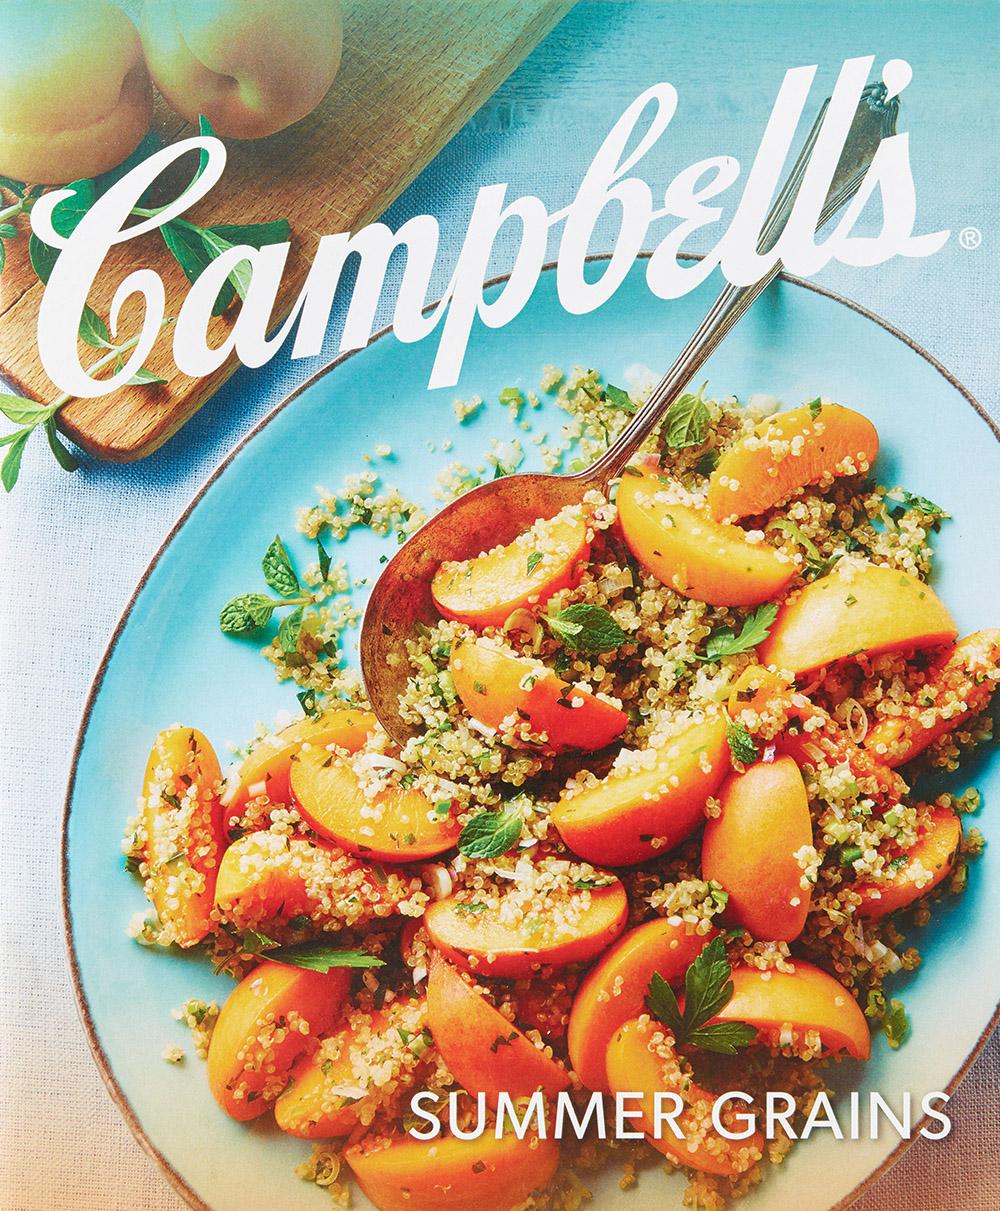 Campbells_01.jpg